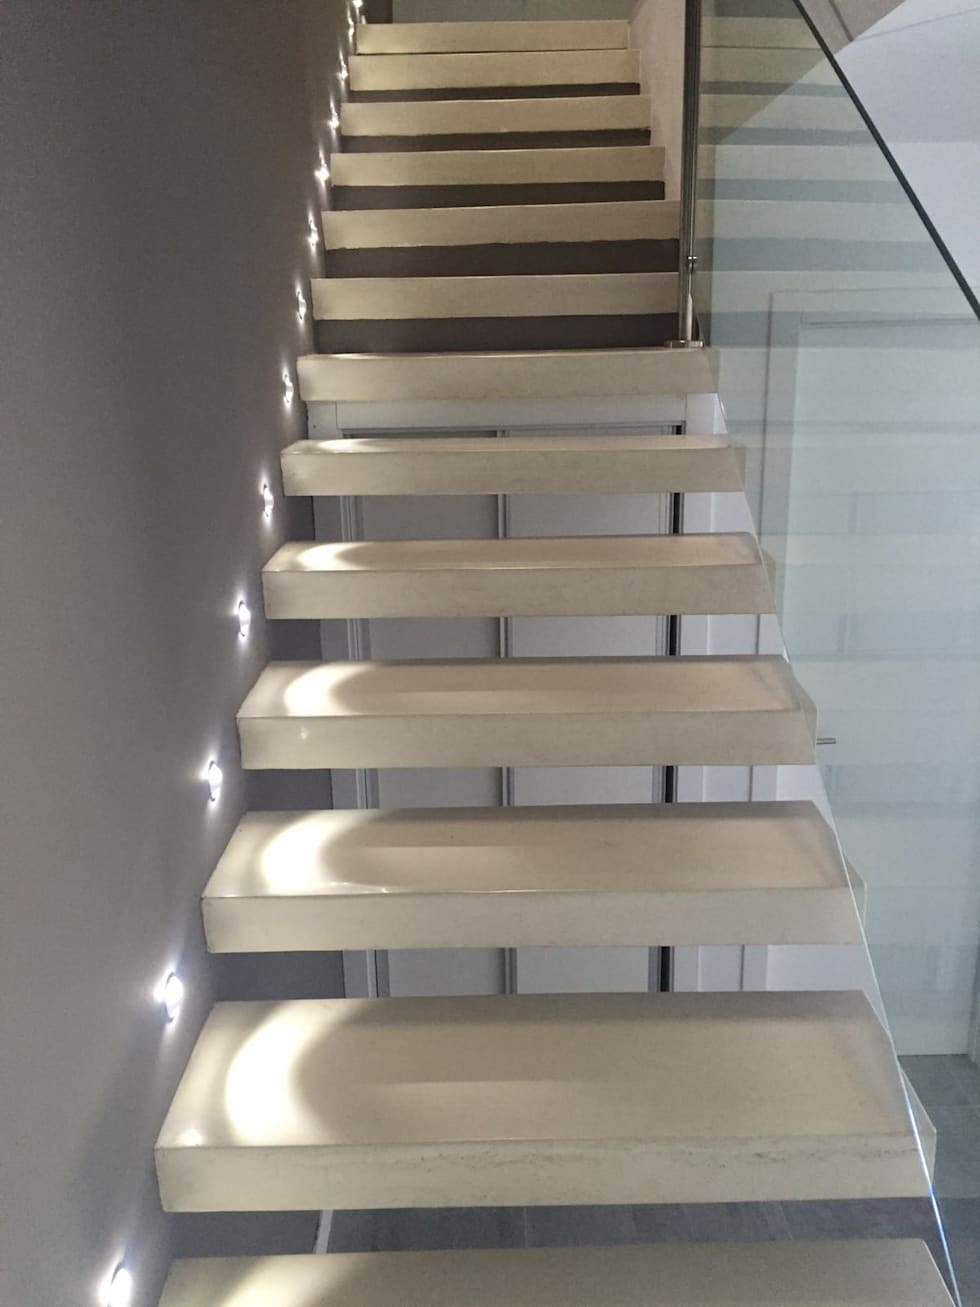 escaleras mediante peldaos volados de hormign pasillos vestbulos y escaleras de estilo moderno de